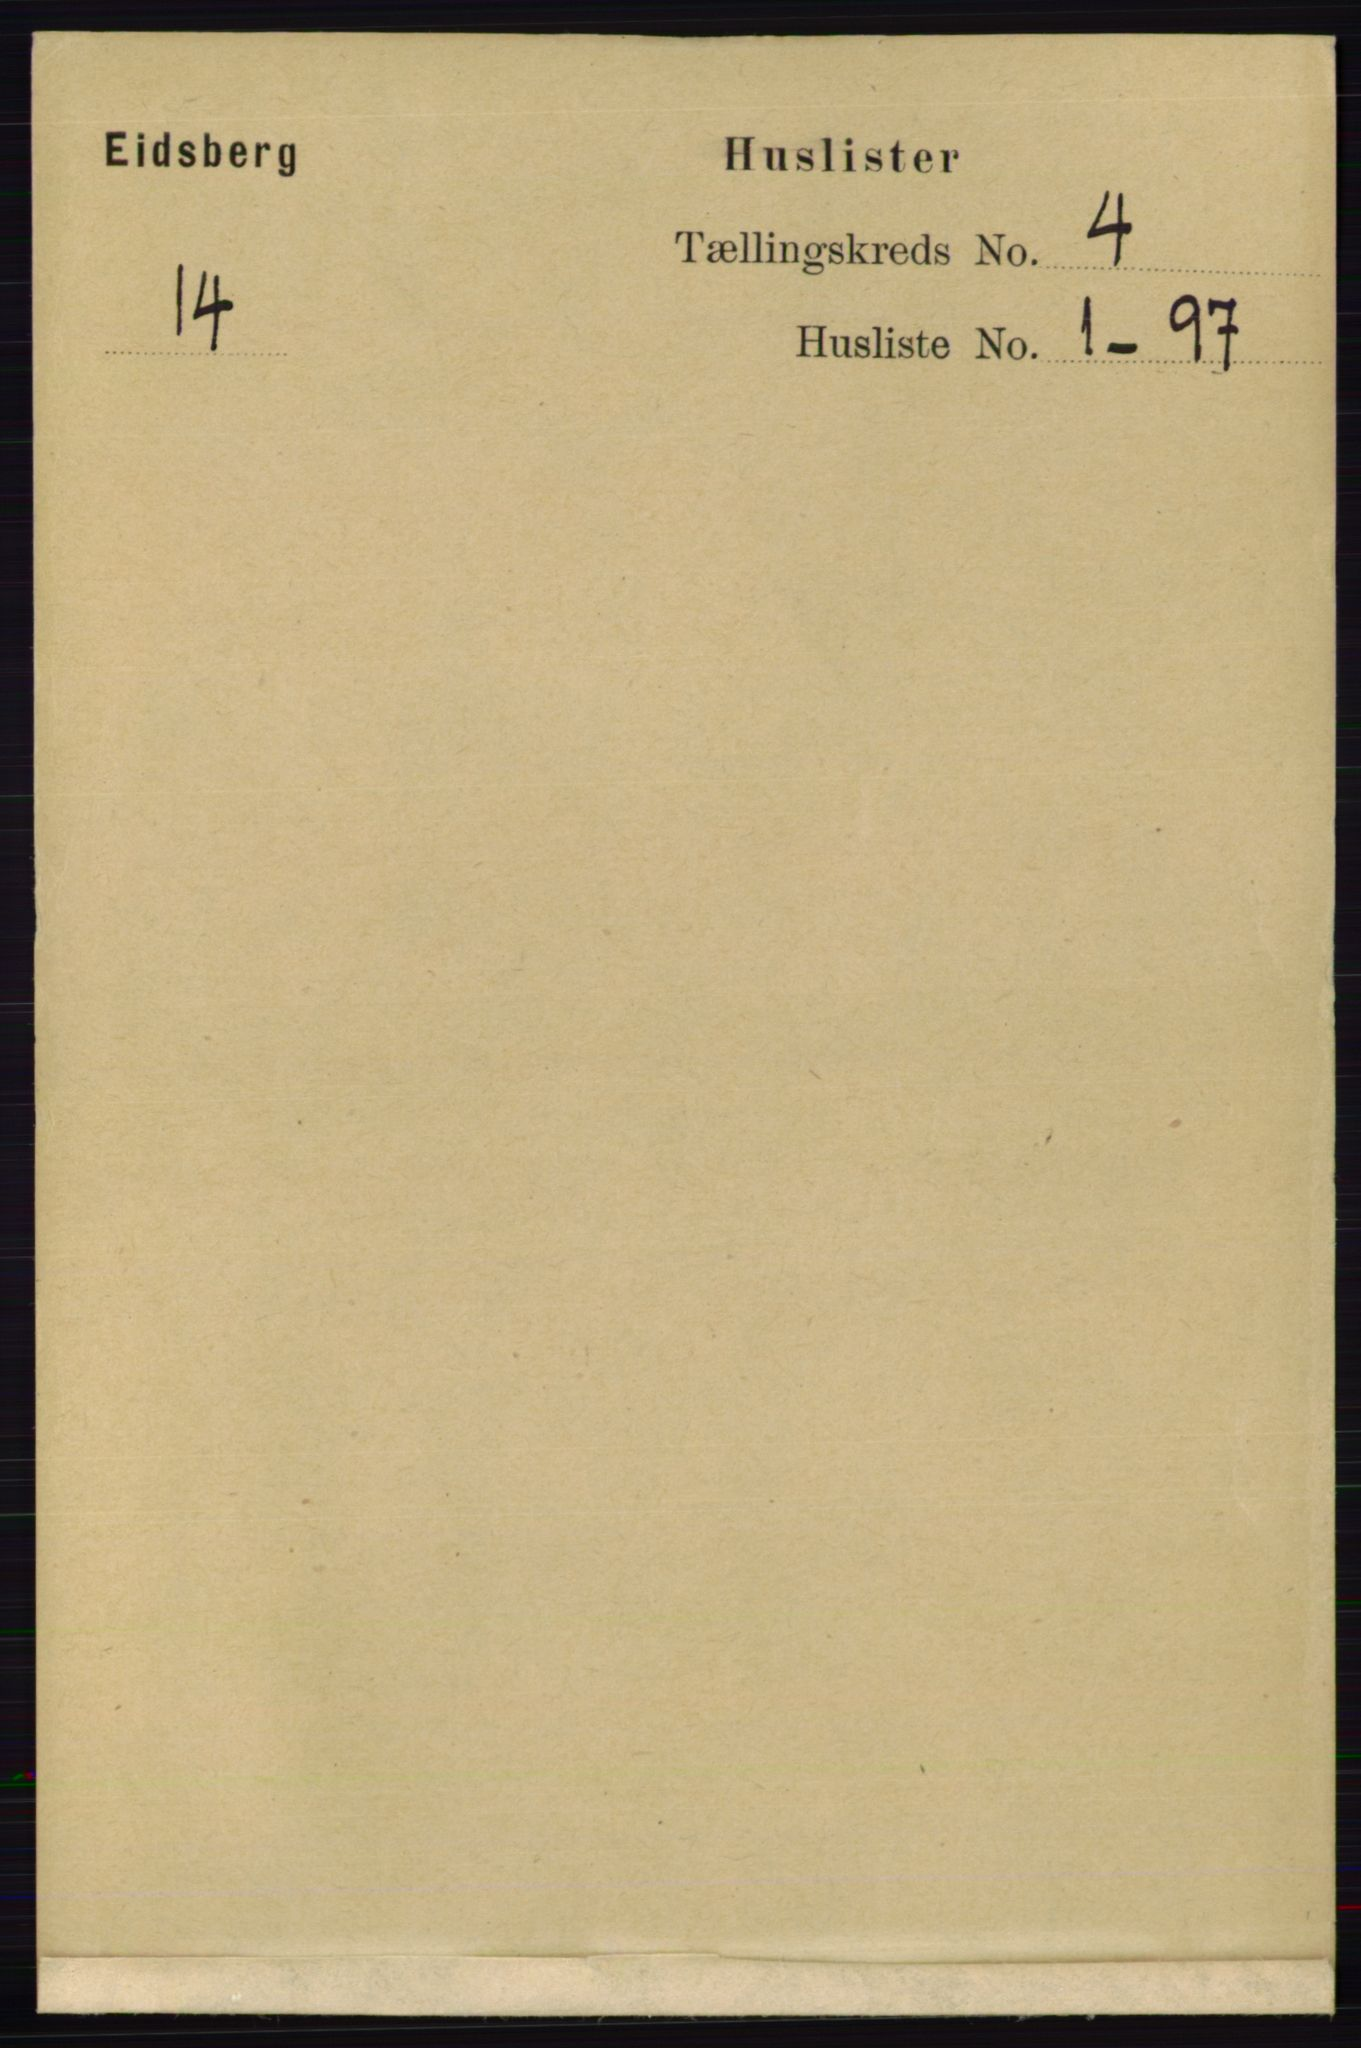 RA, Folketelling 1891 for 0125 Eidsberg herred, 1891, s. 2270